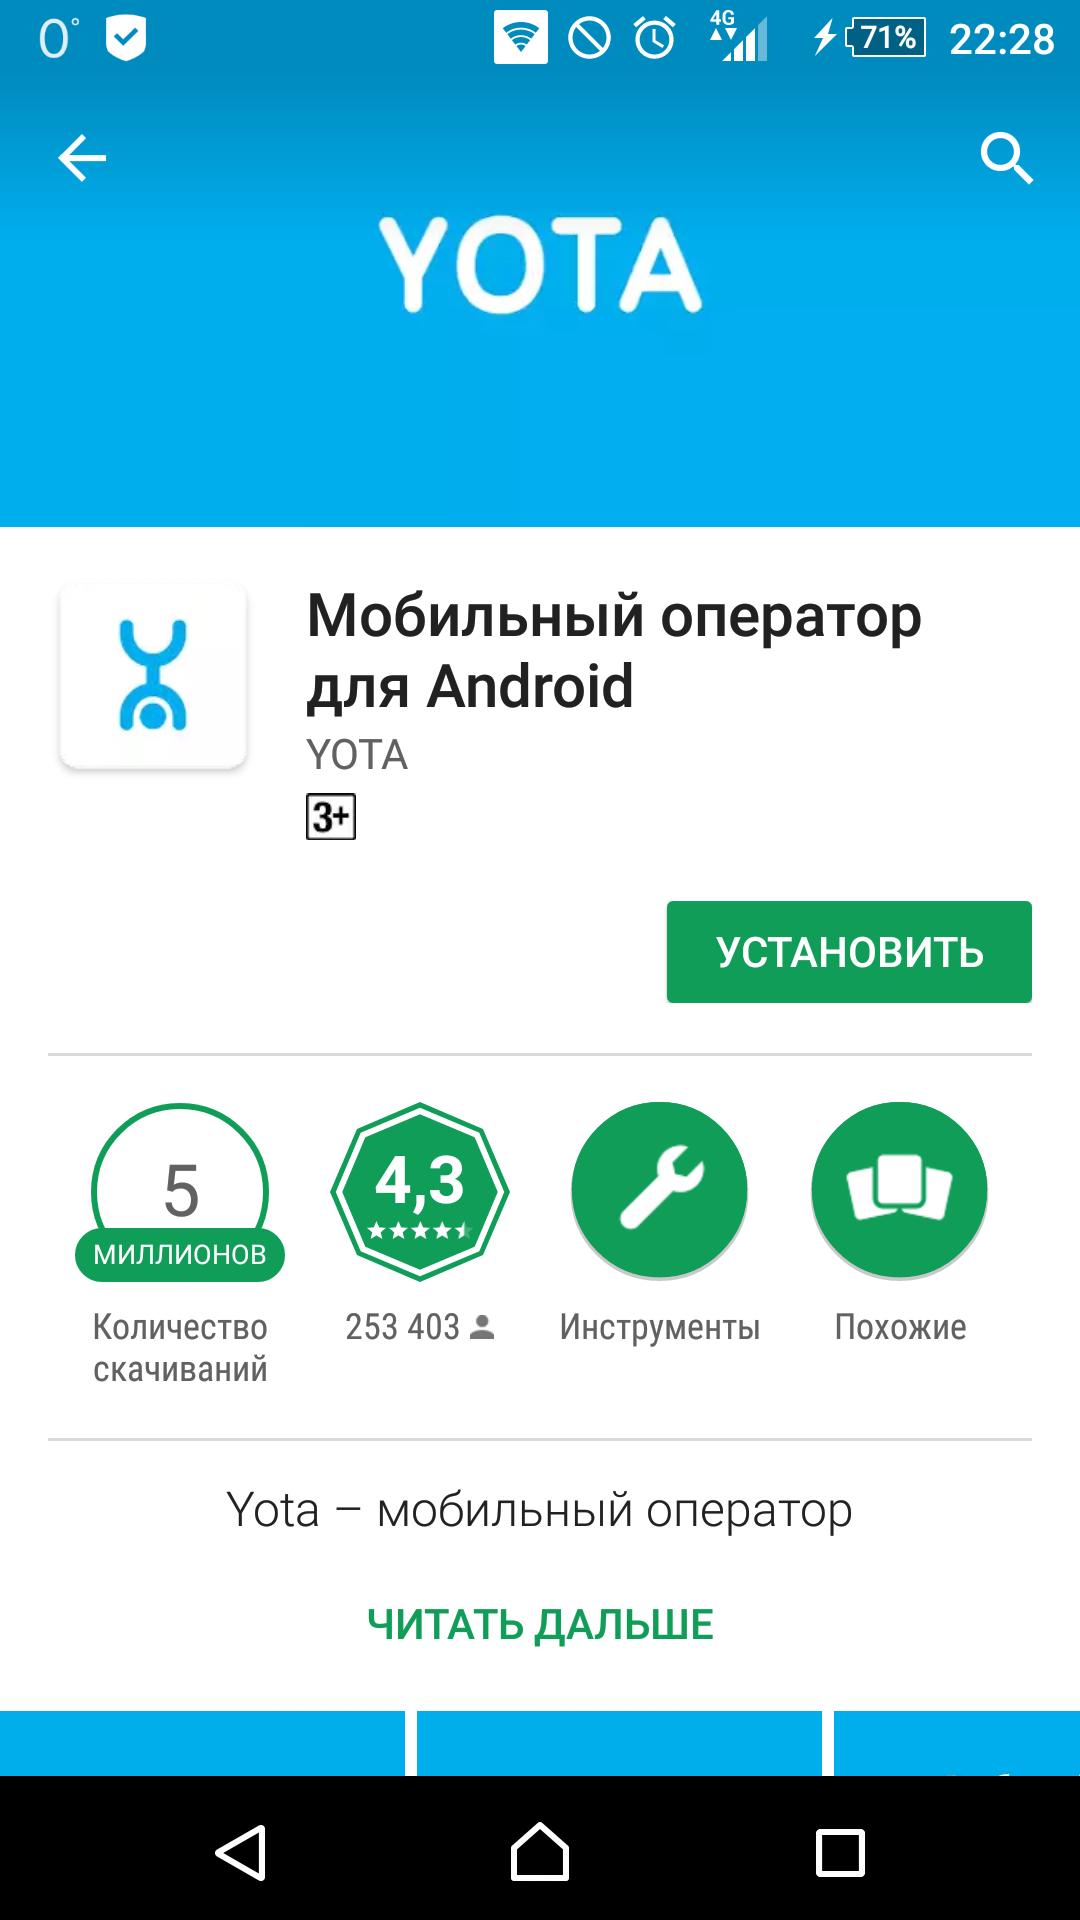 Обязательно удалите официальный клиент Yota на смартфоне!